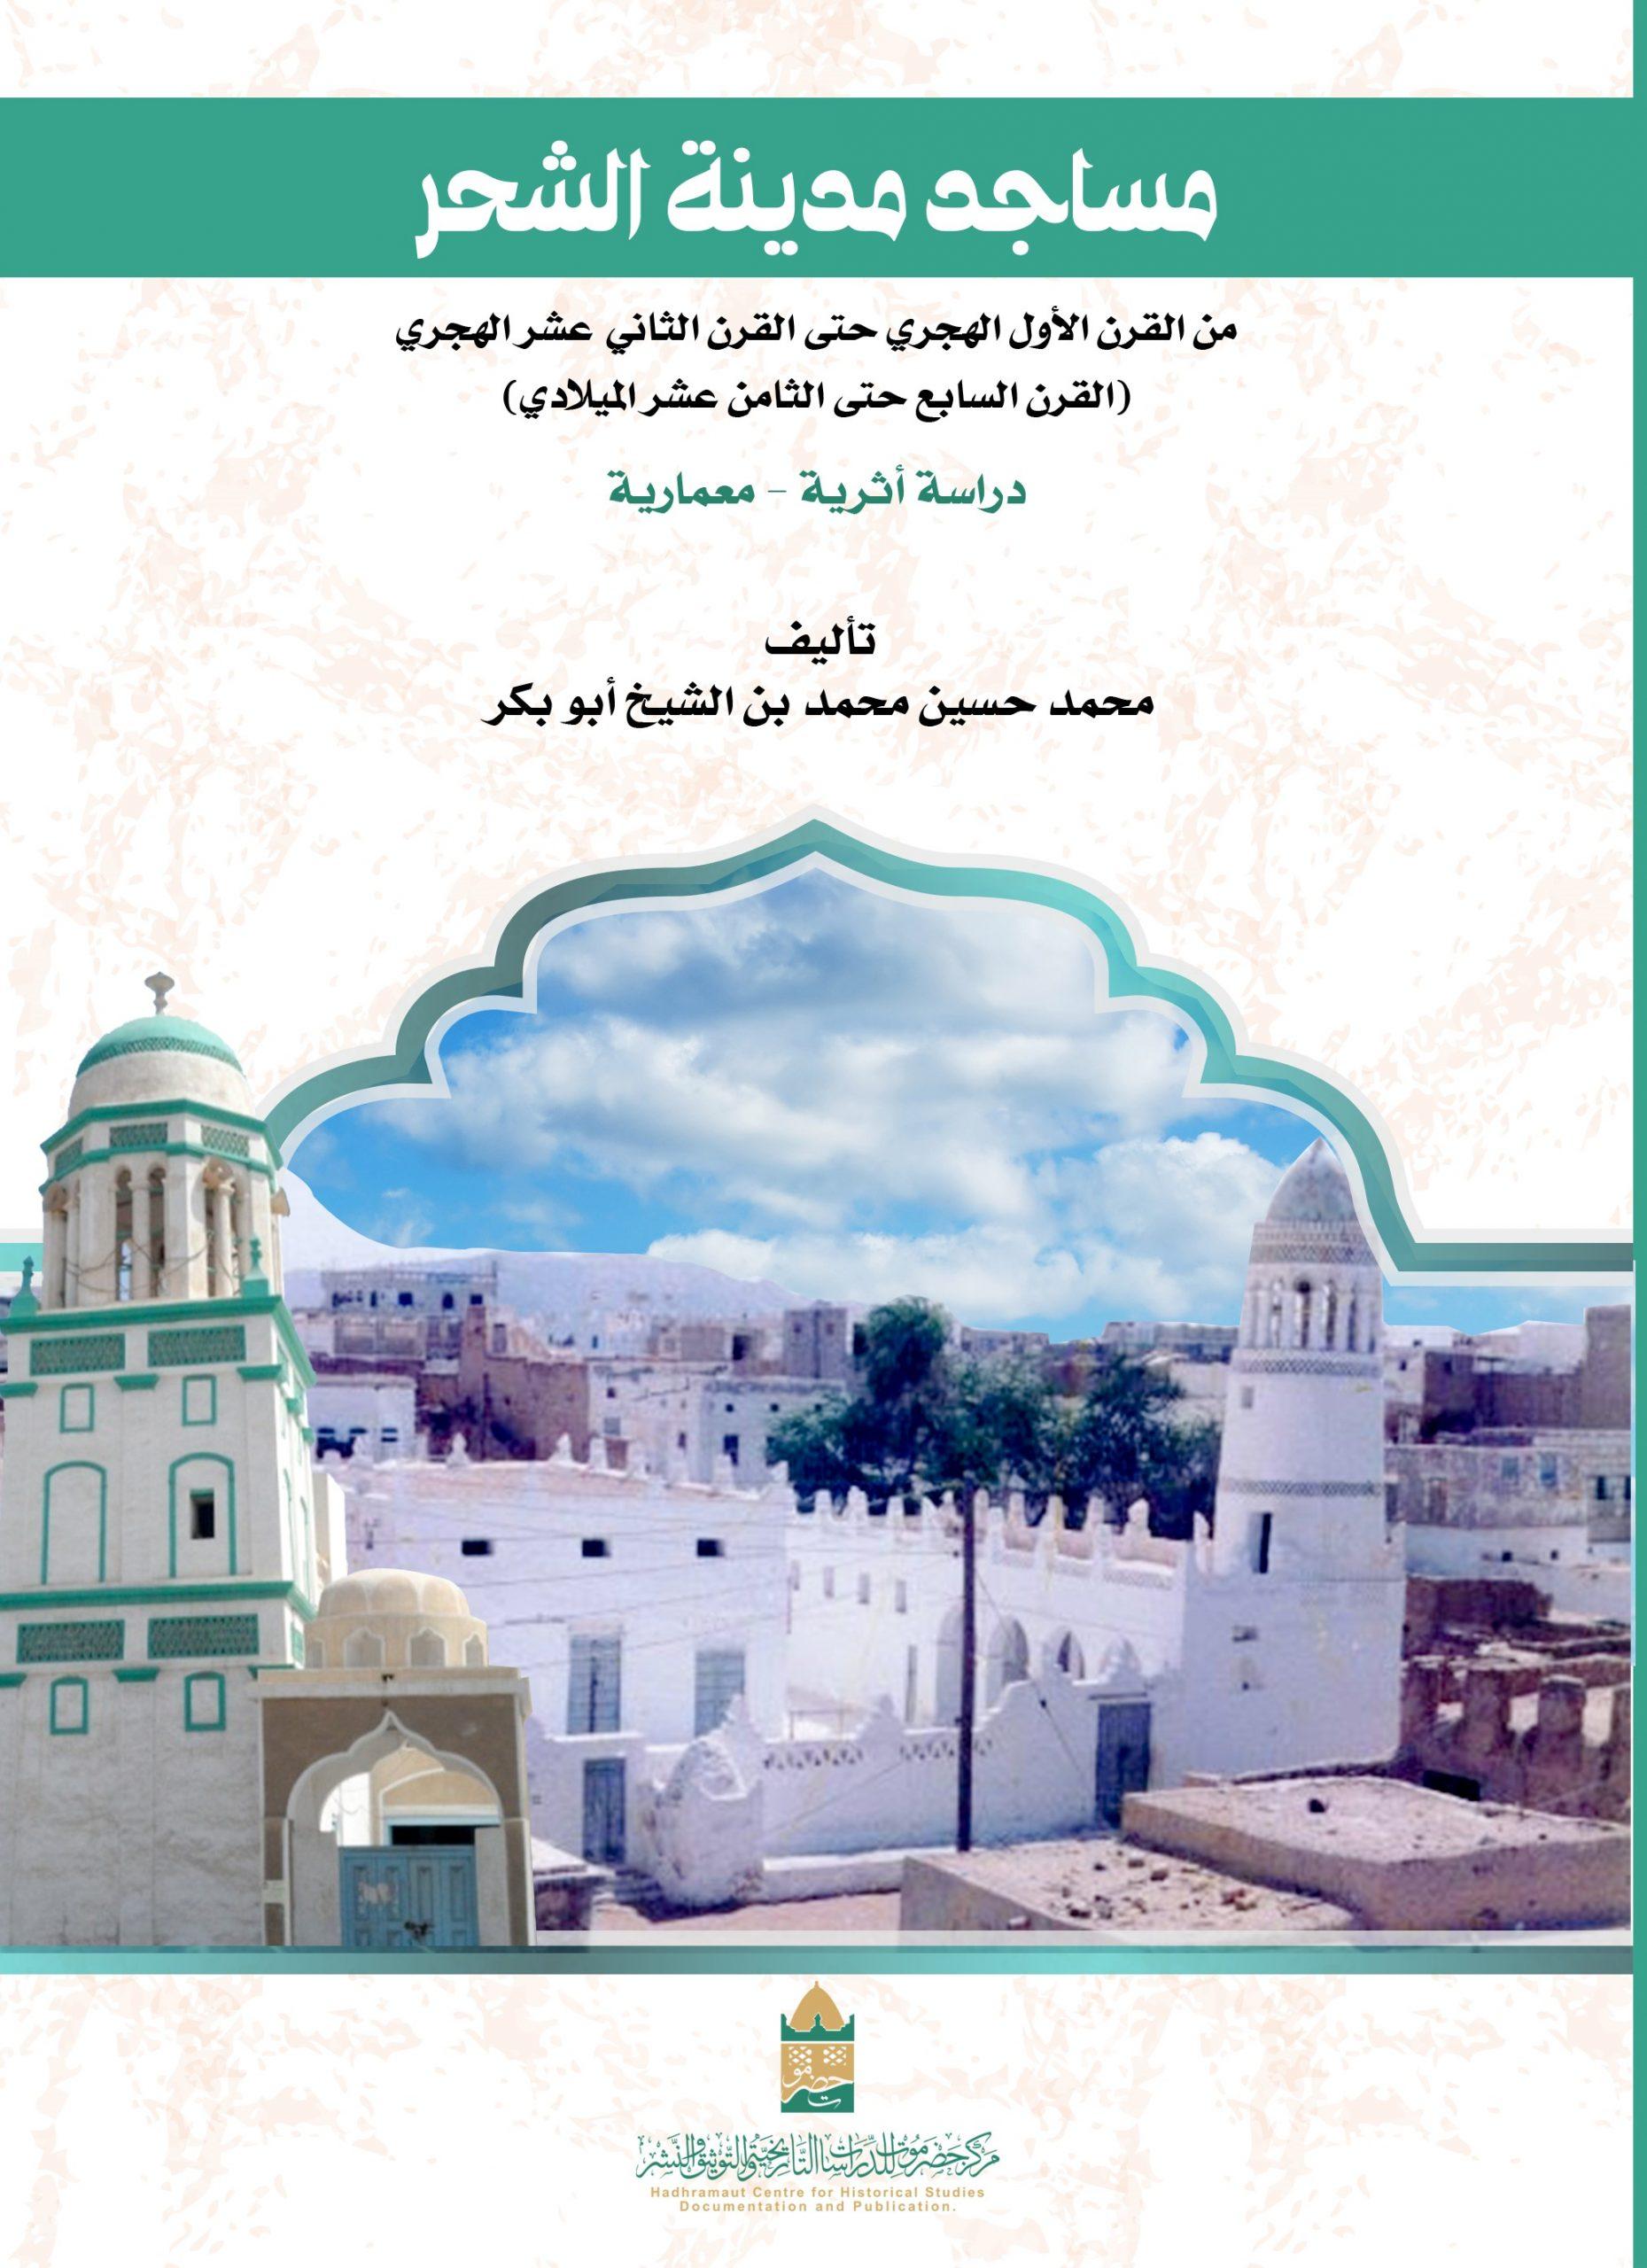 مساجد مدينة الشحر